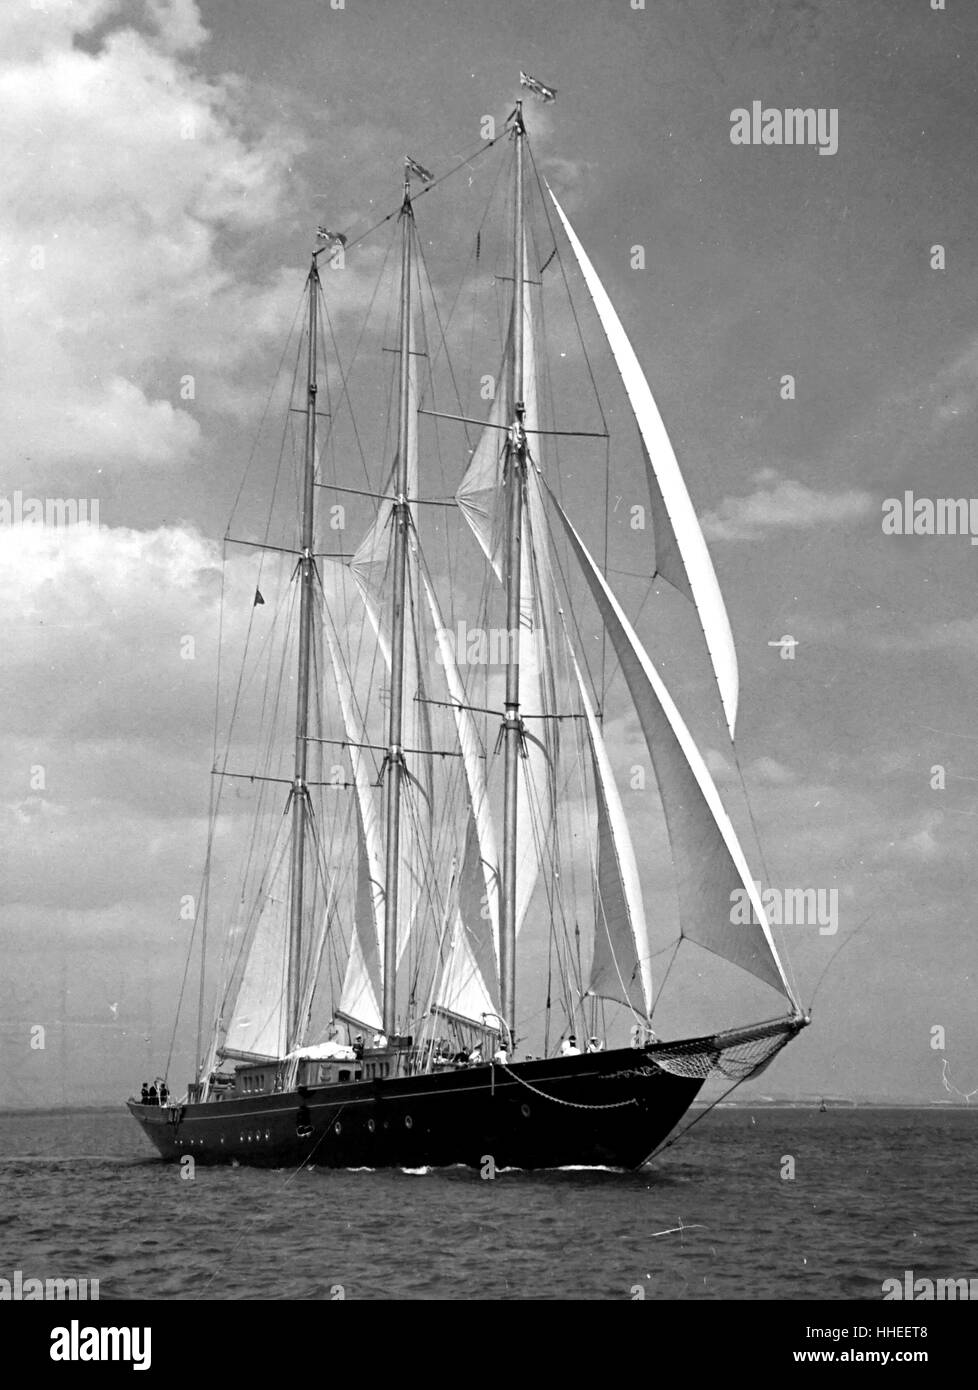 Fotografia del gruppo di racing yachts assemblata per la gara Torbay-Lisbon. In data xx secolo Immagini Stock